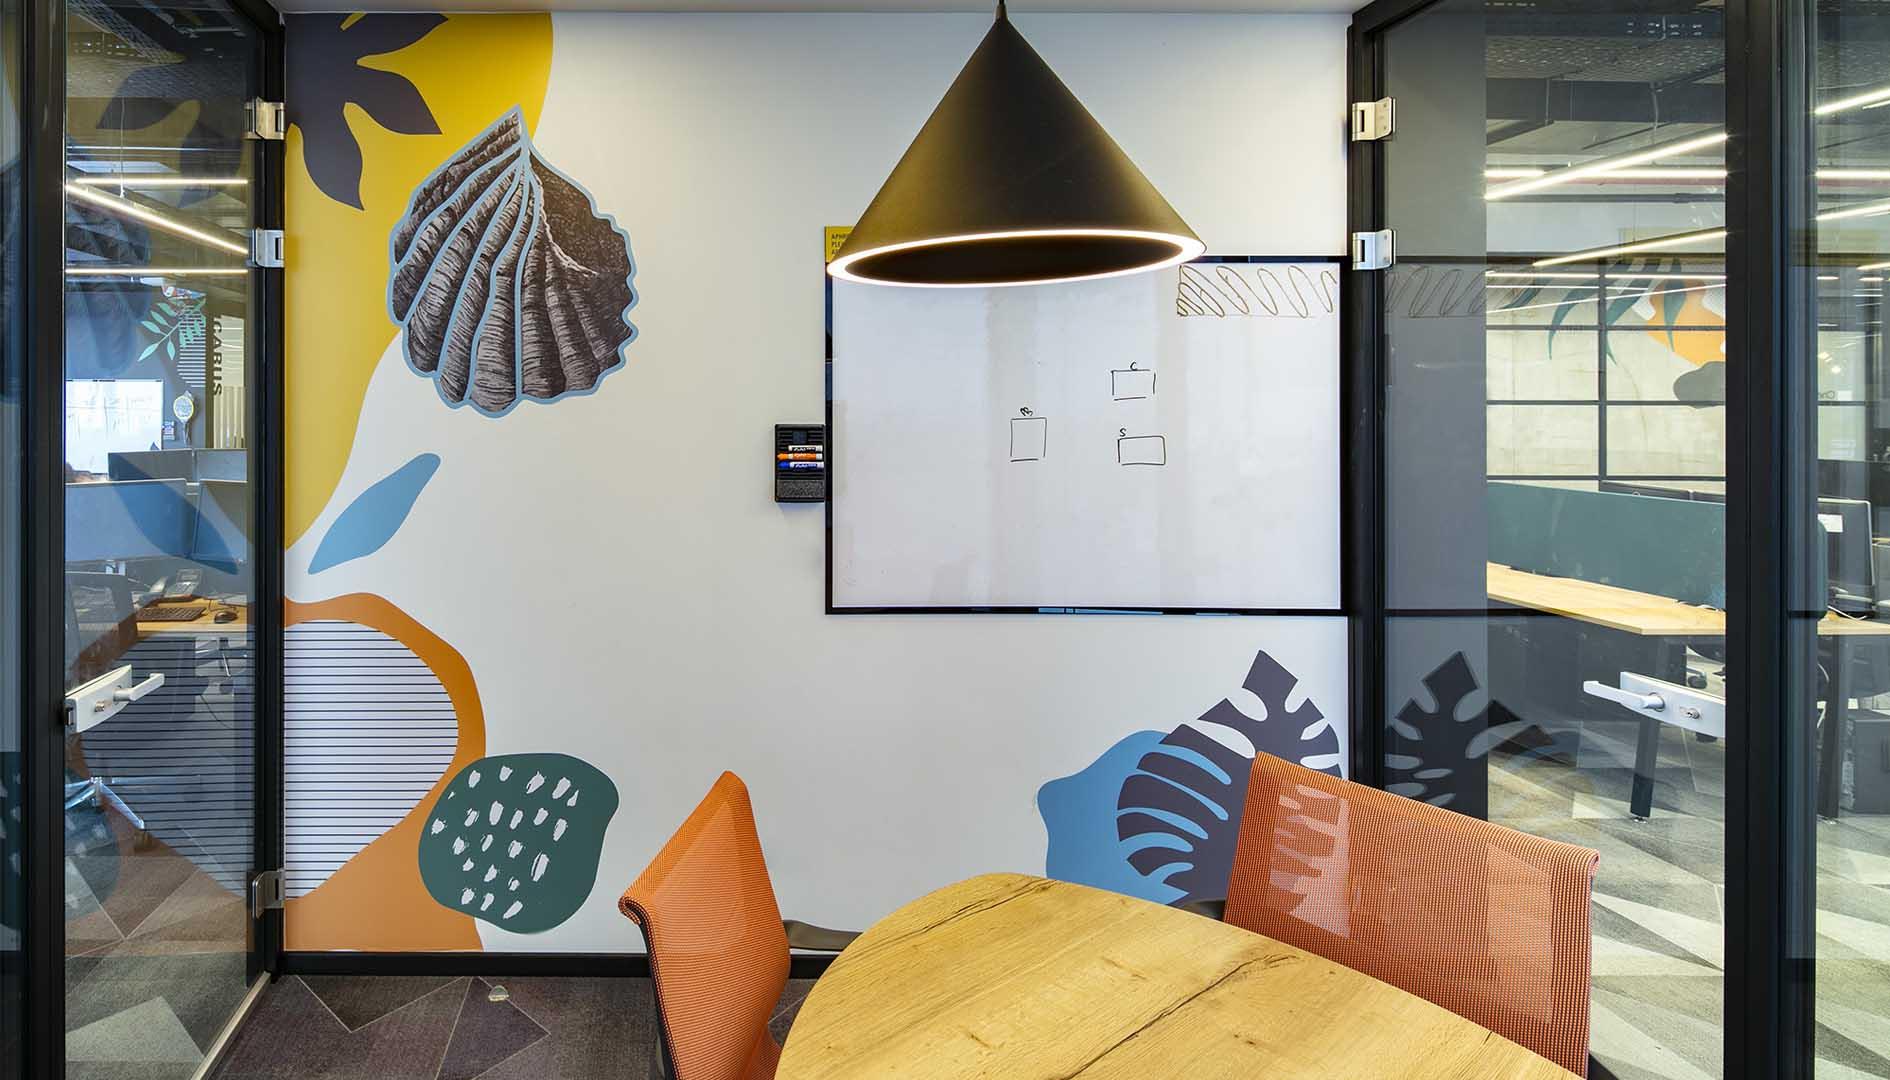 עיצוב משרדים/ מיתוג גרפי/ חברת צ'ק פוינט/ מיוג משרדים/ עיצוב חללי עבודהה